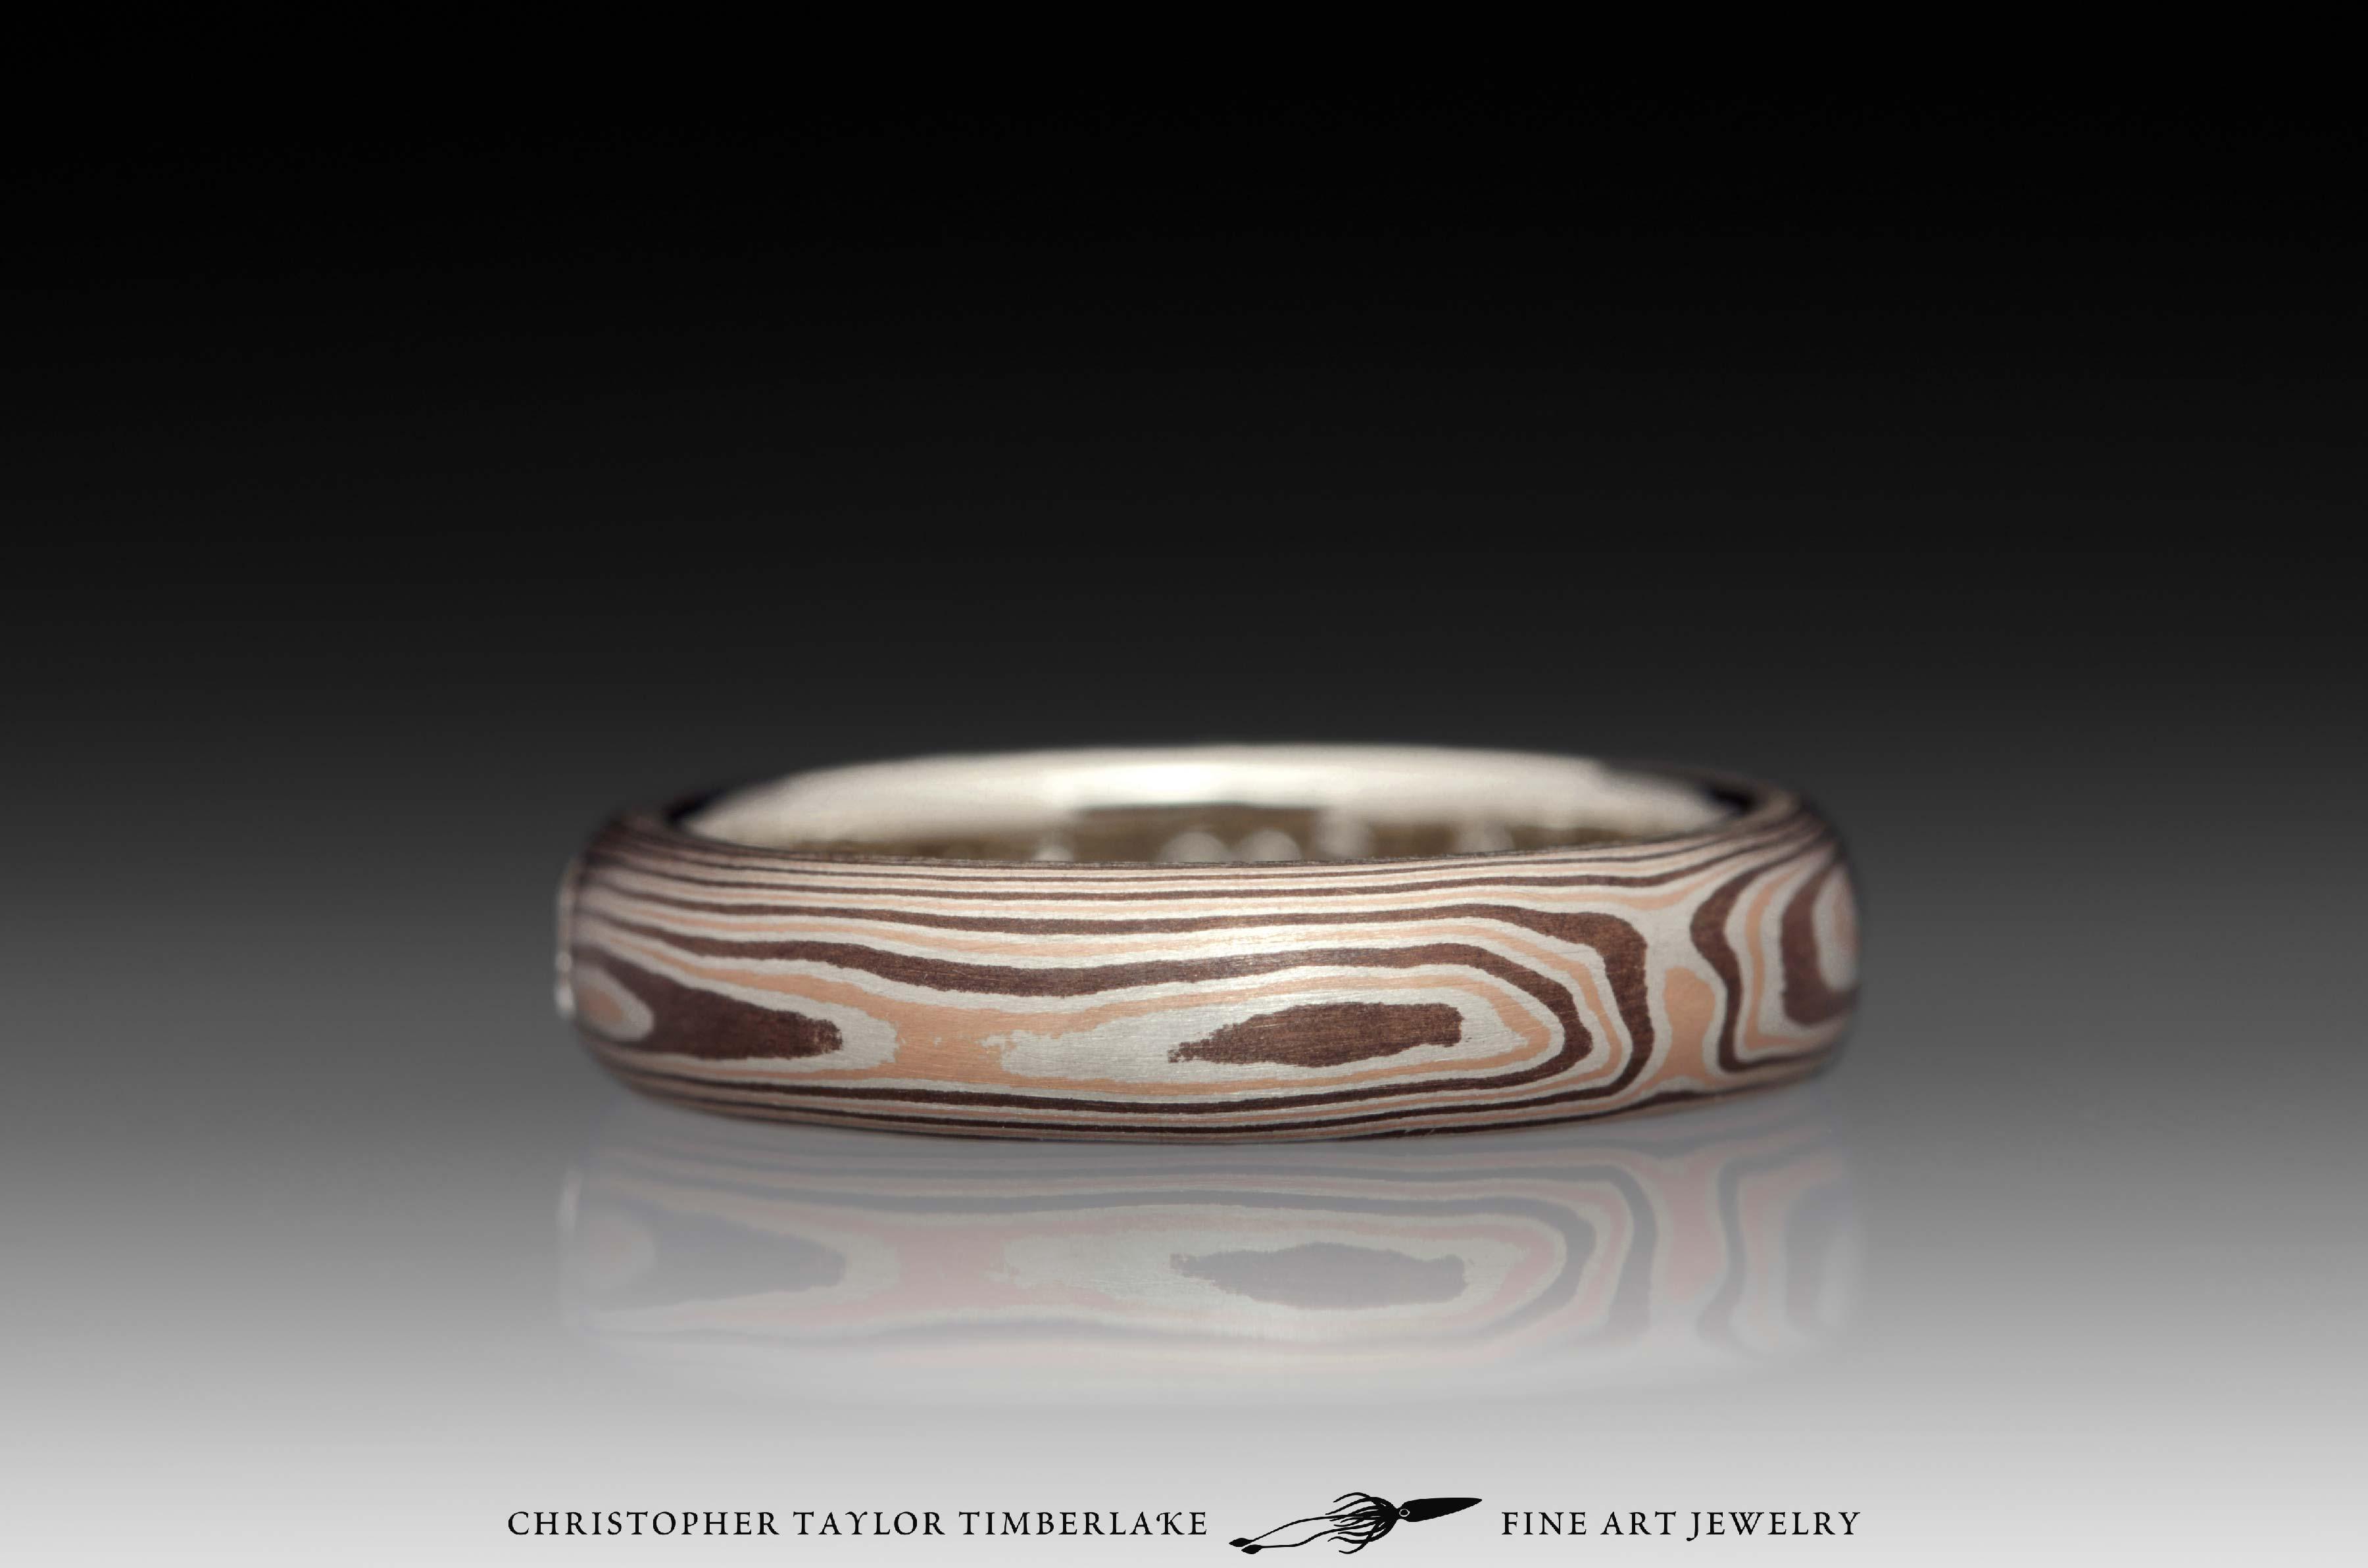 Mokumé-Mokume-Gane-Ring-(M81)-14K-rose-gold,-sterling-silver-with-palladium,-shakudo-2k,-14K-white-gold-inner-band,-domed,-flush-set-rd-2.9mm-diamond,-woodgrain,-4mm-4